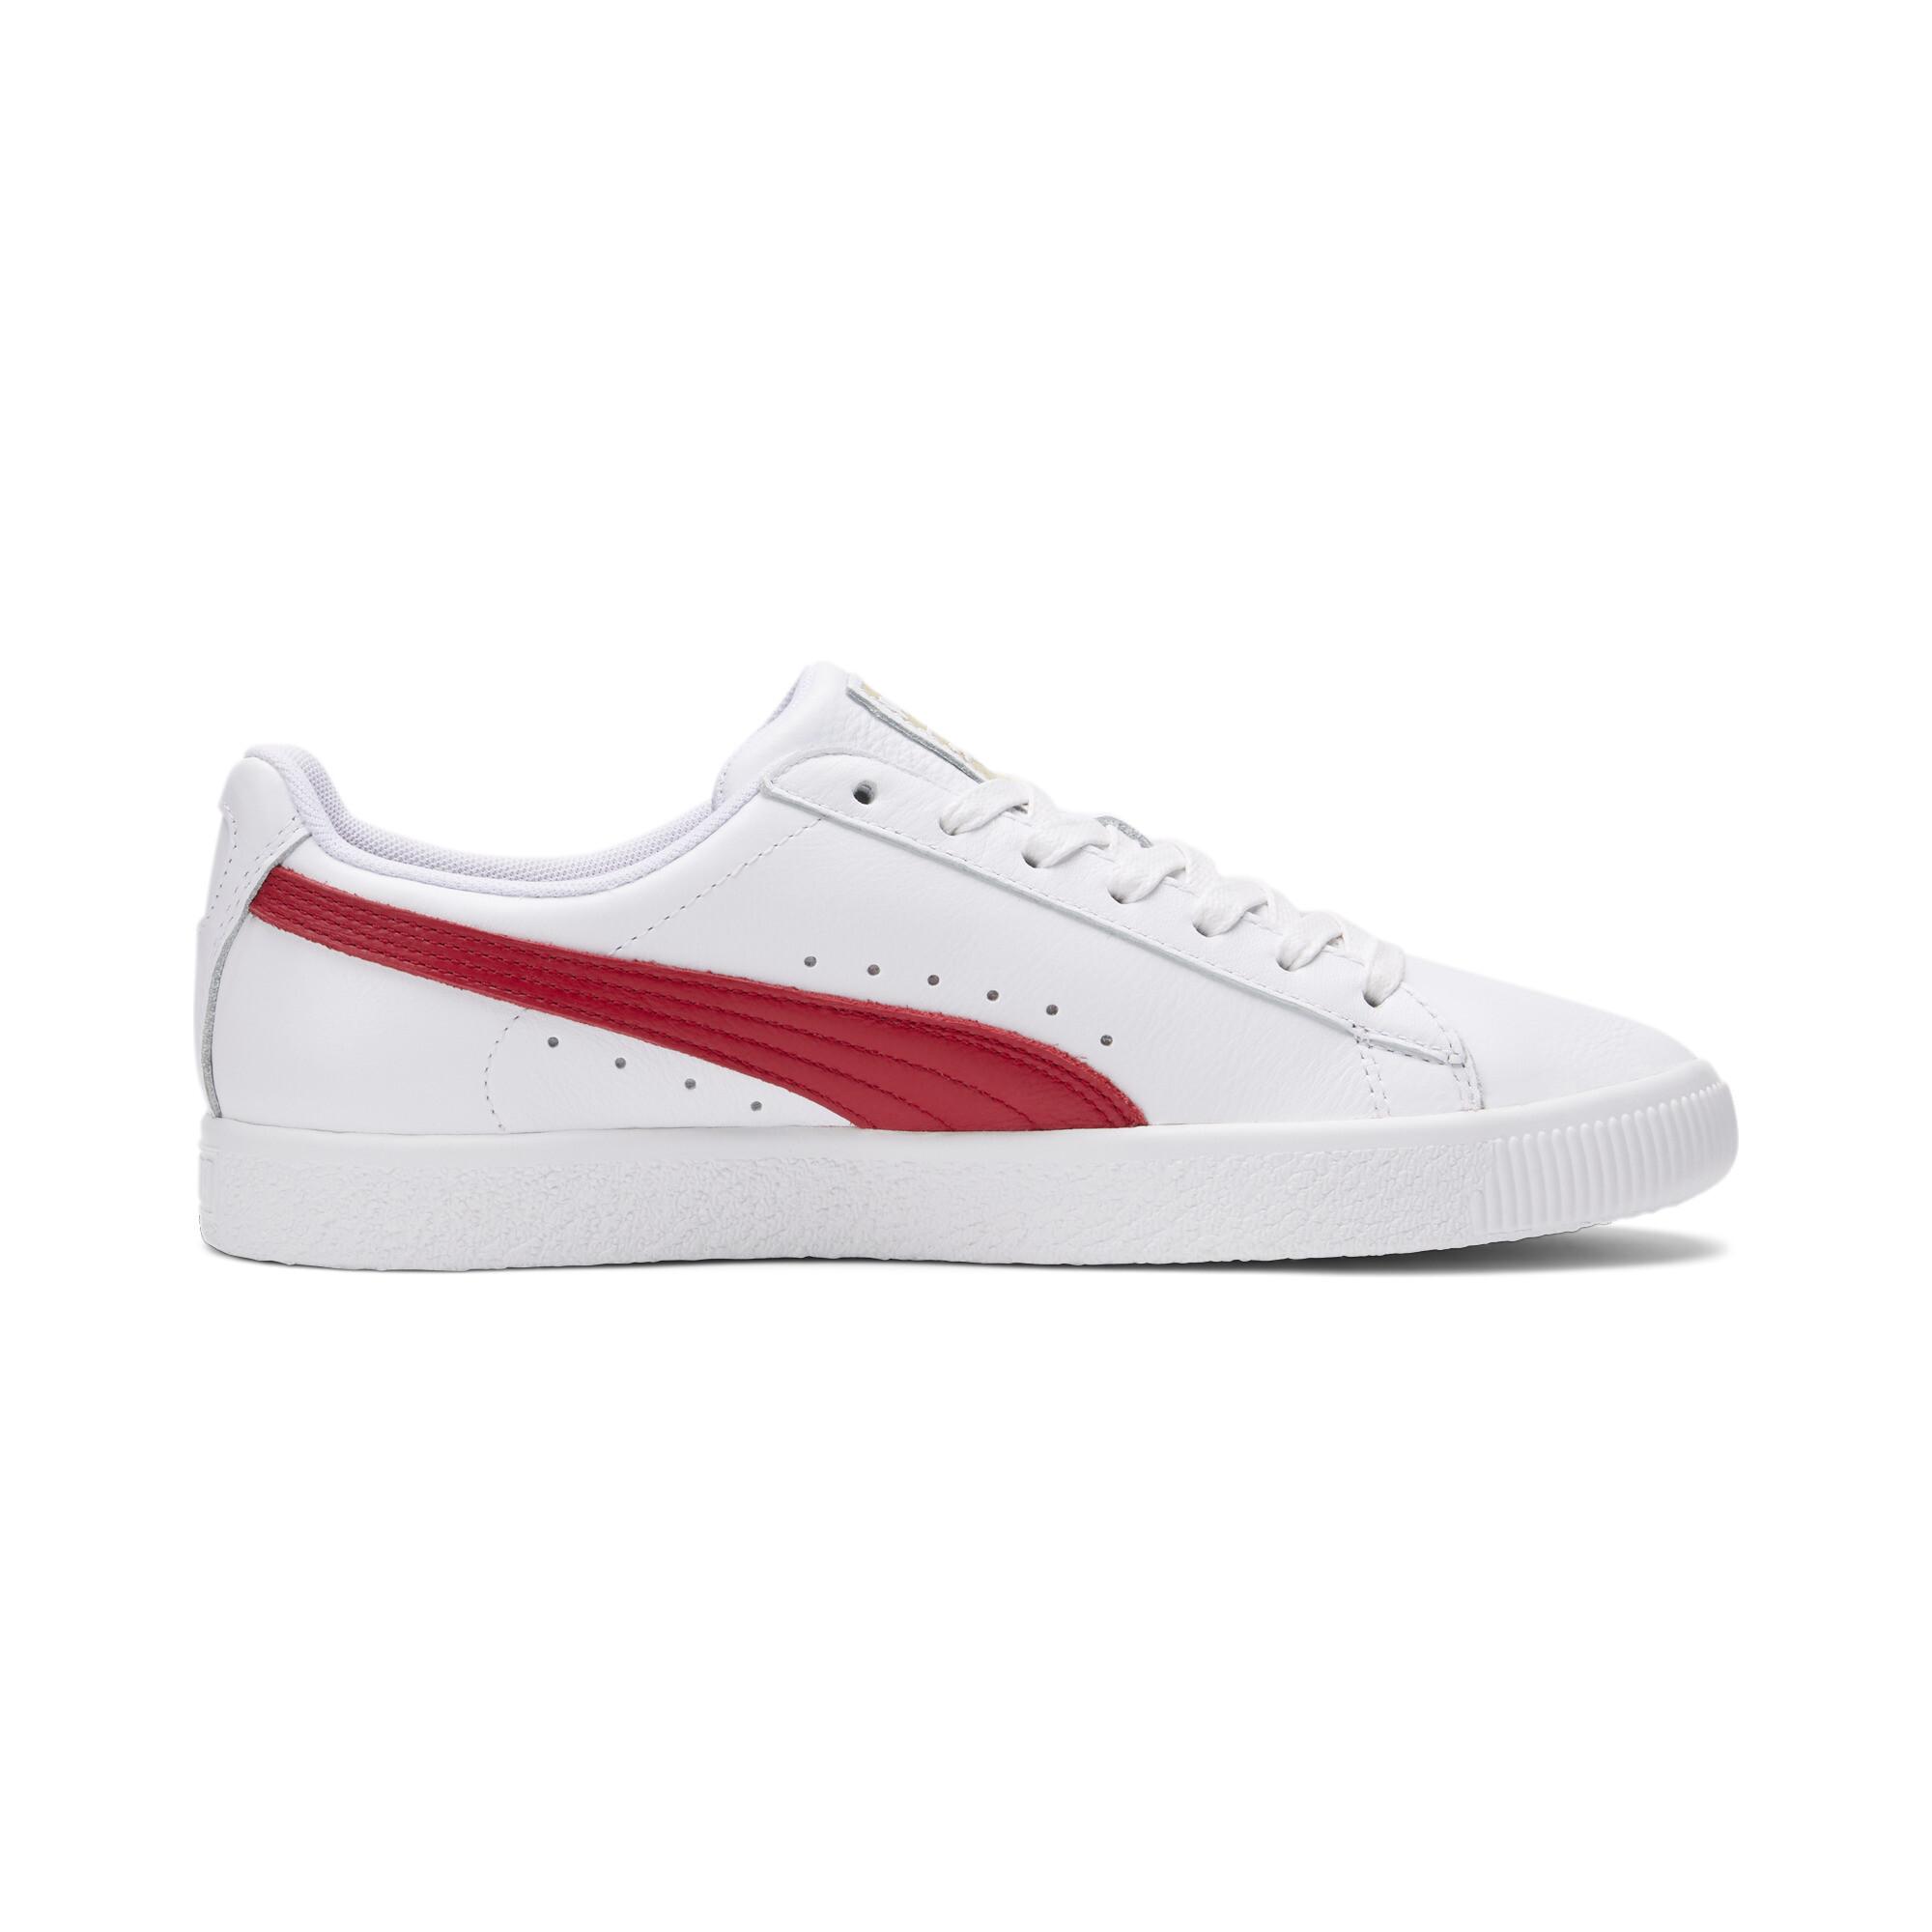 PUMA-Men-039-s-Clyde-Core-Foil-Sneakers thumbnail 11